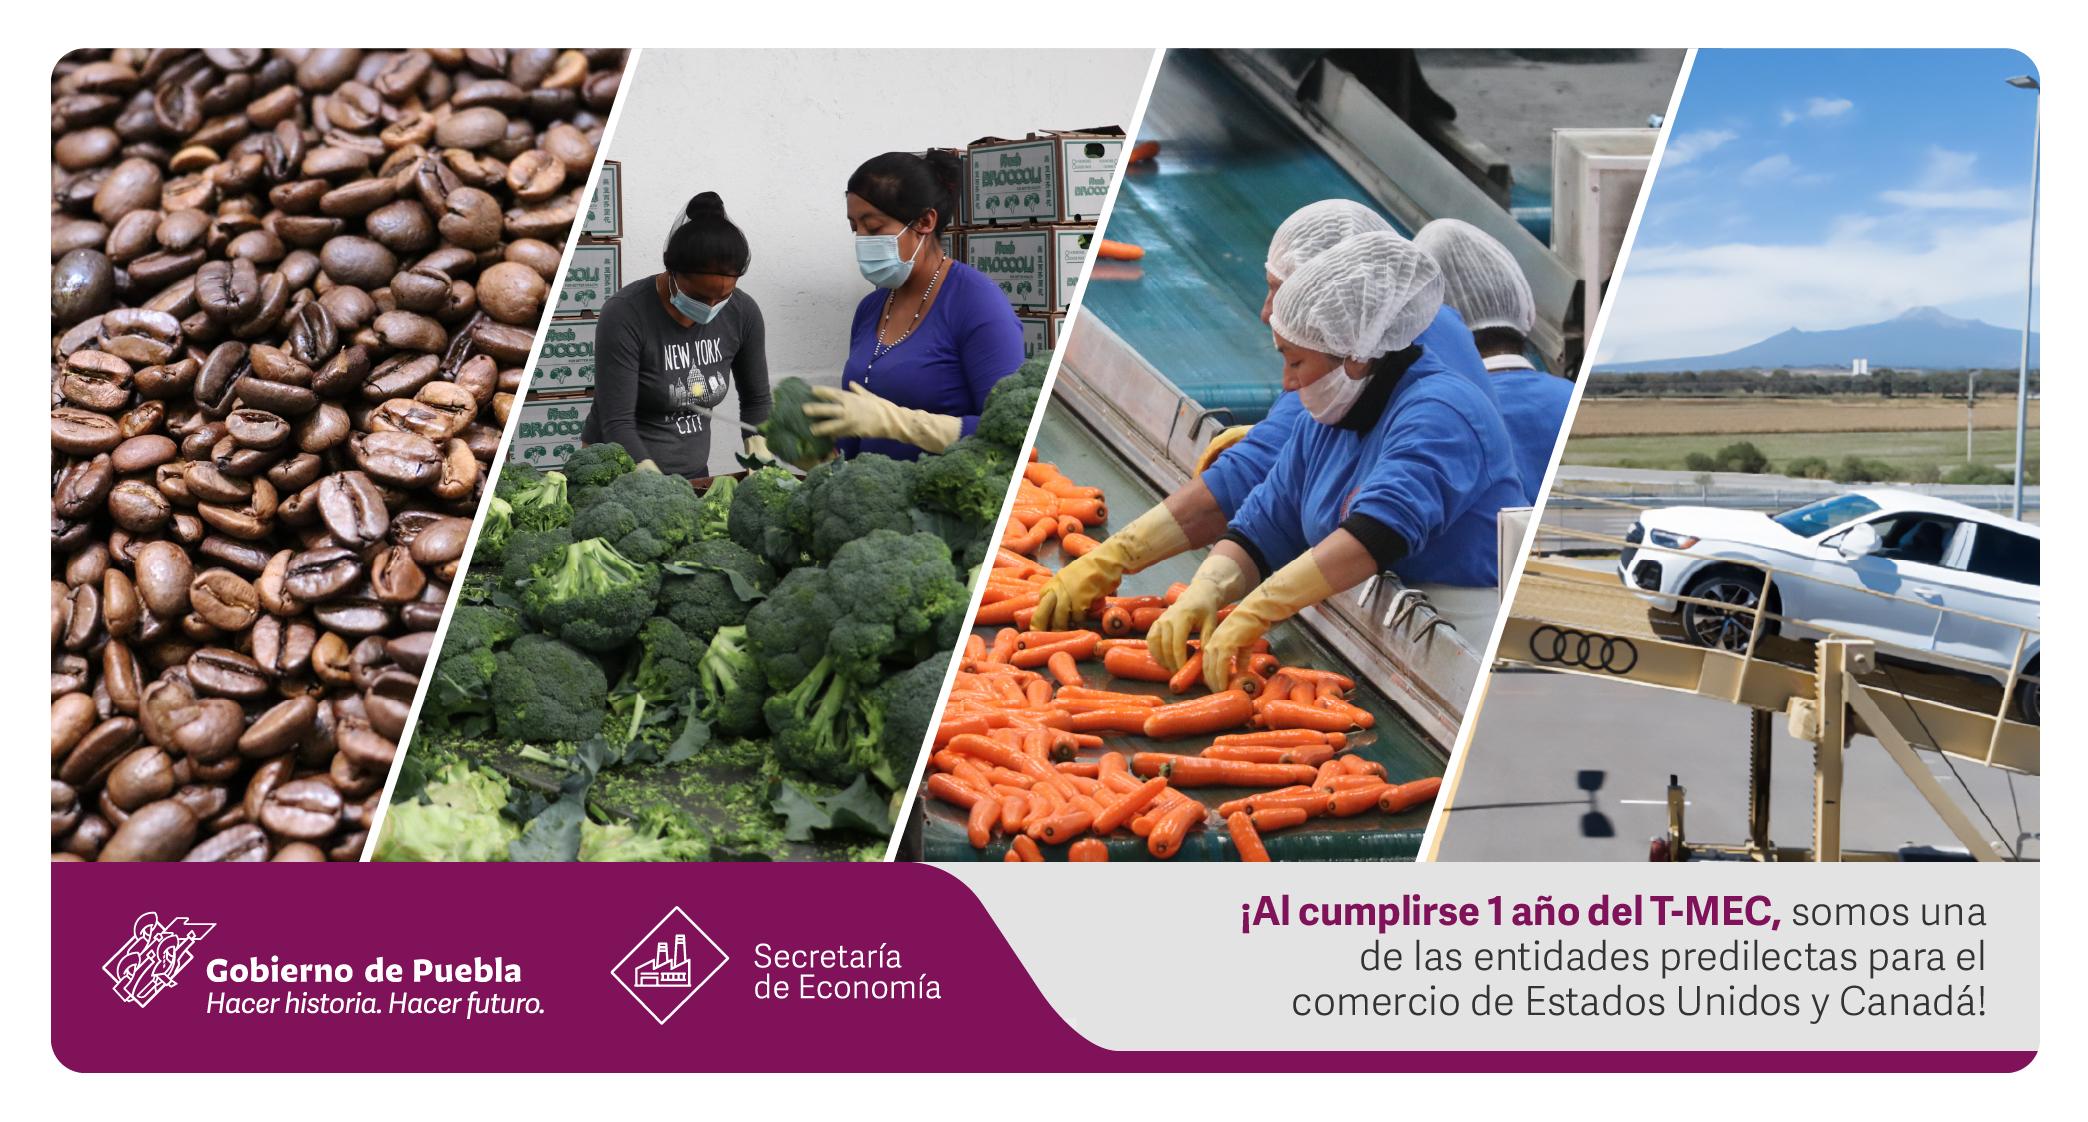 Puebla destino preferido de comercio e IED en zona T-MEC